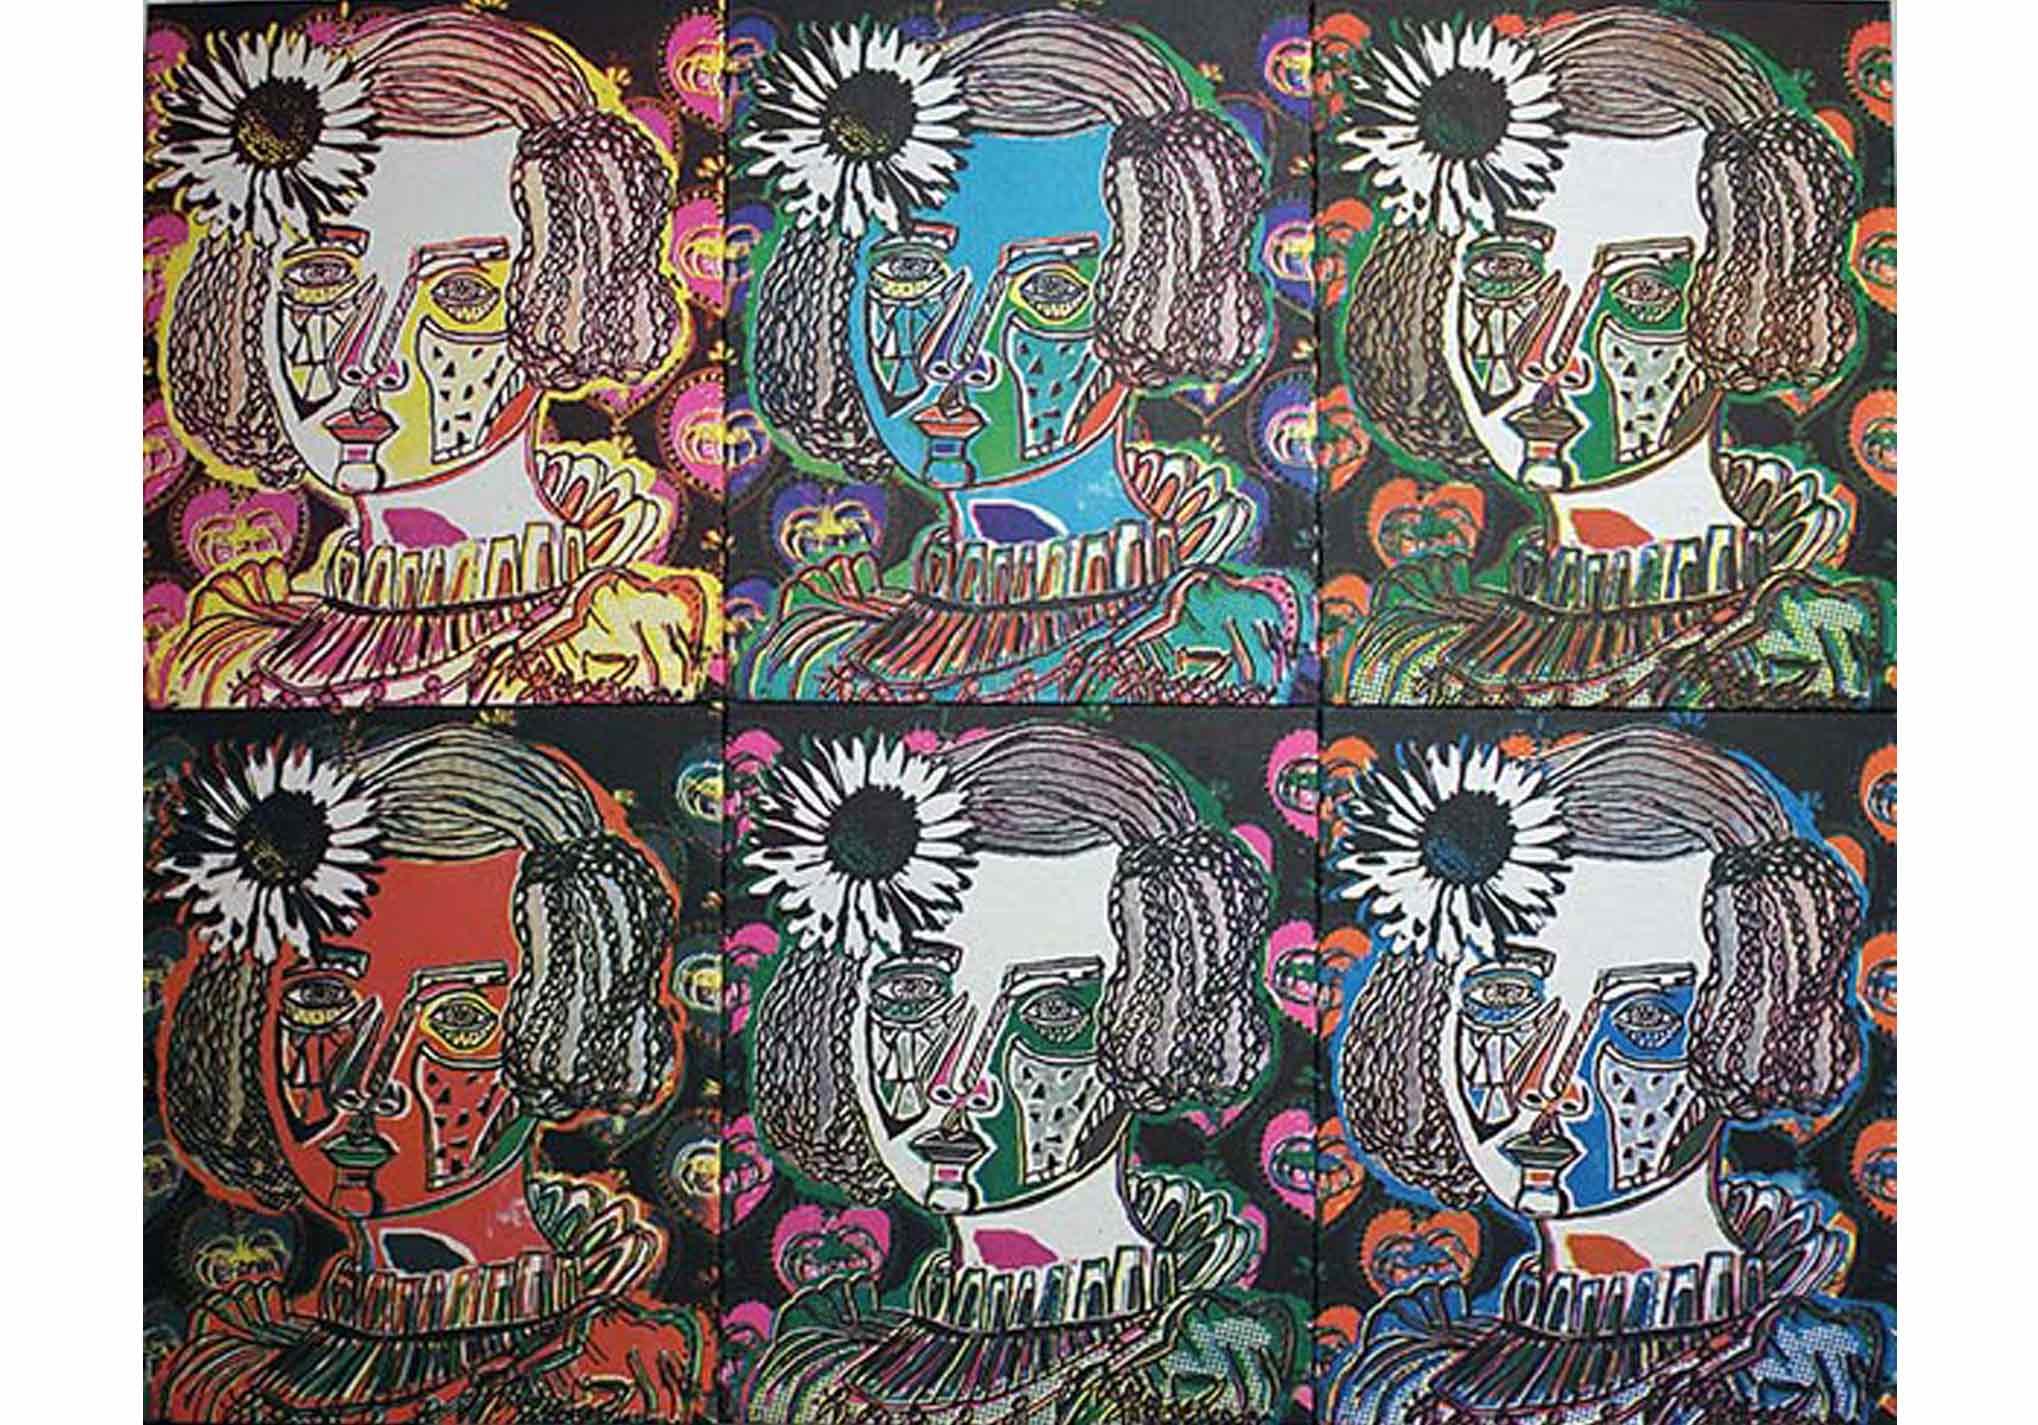 Ann-Kristin-Fleischhauer-Blume-am-Kopf-1-Mt-Galerie